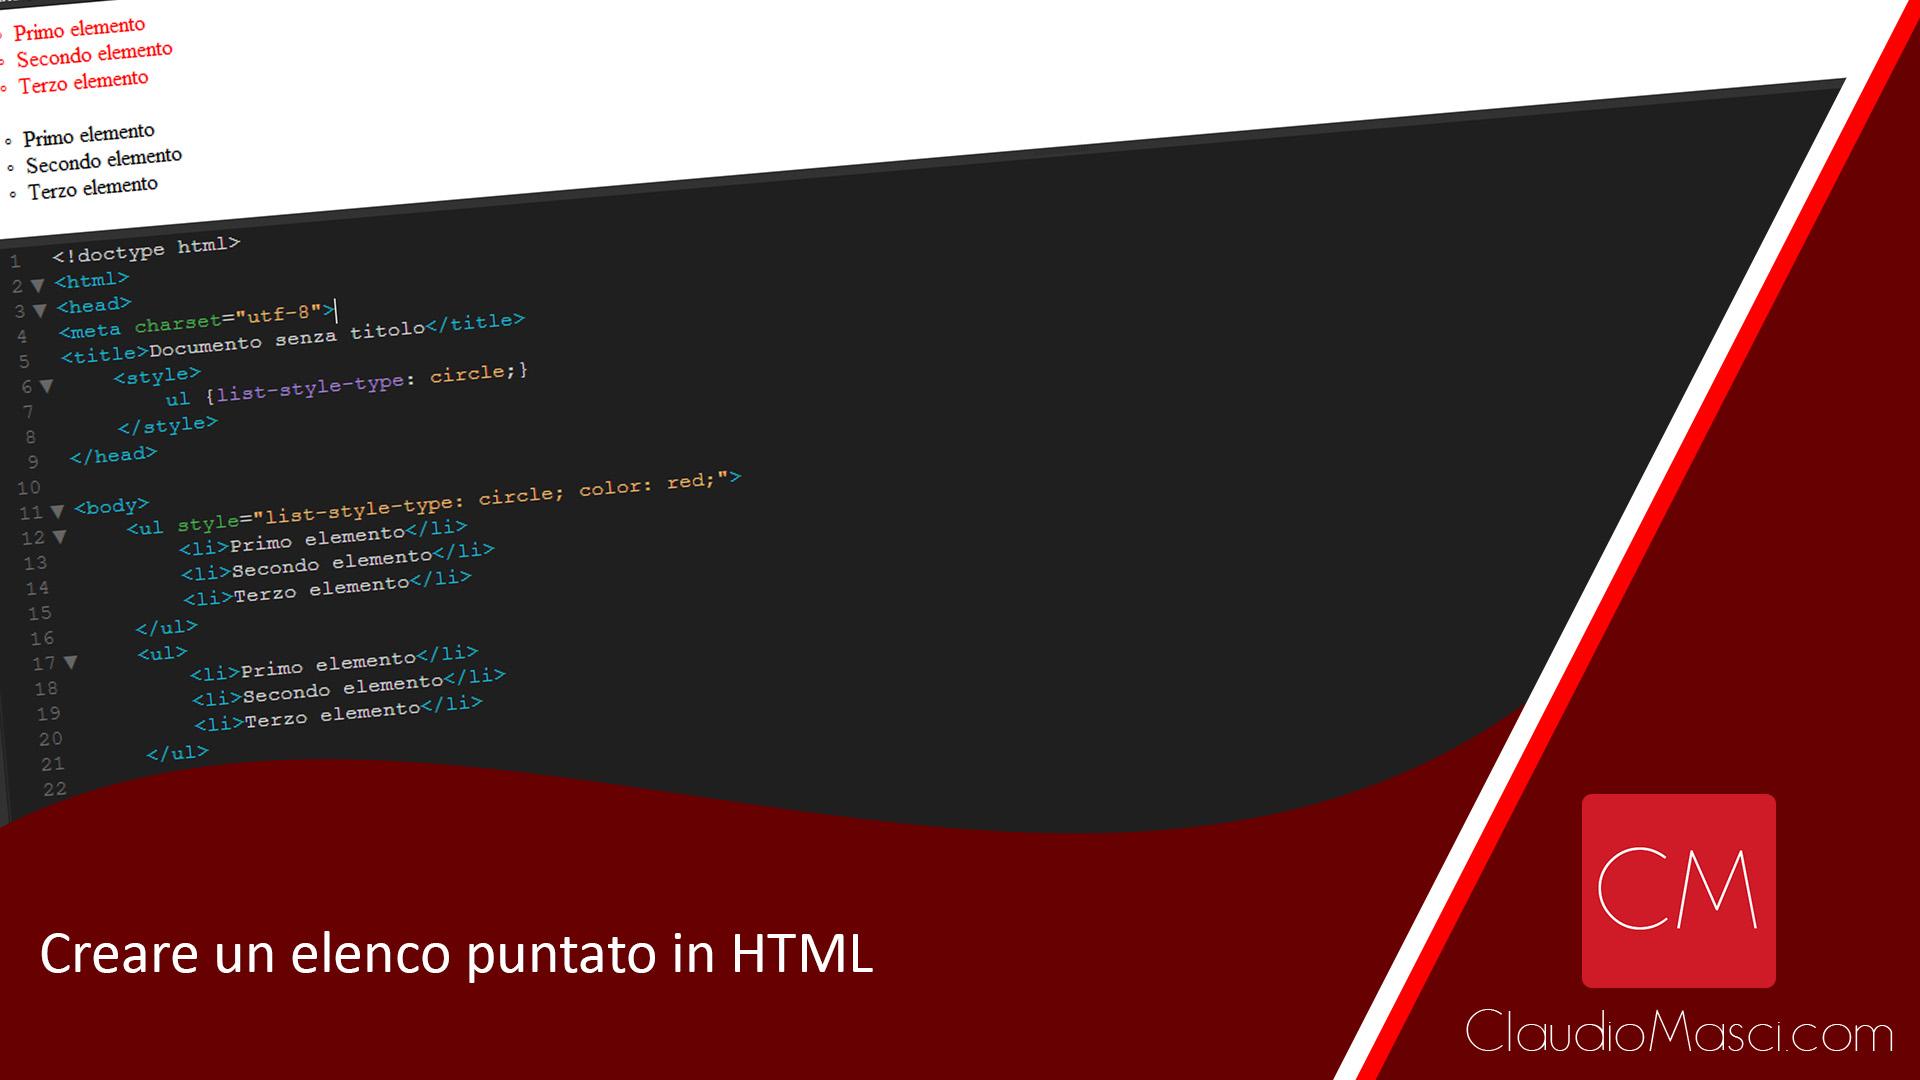 Creare un elenco puntato in HTML